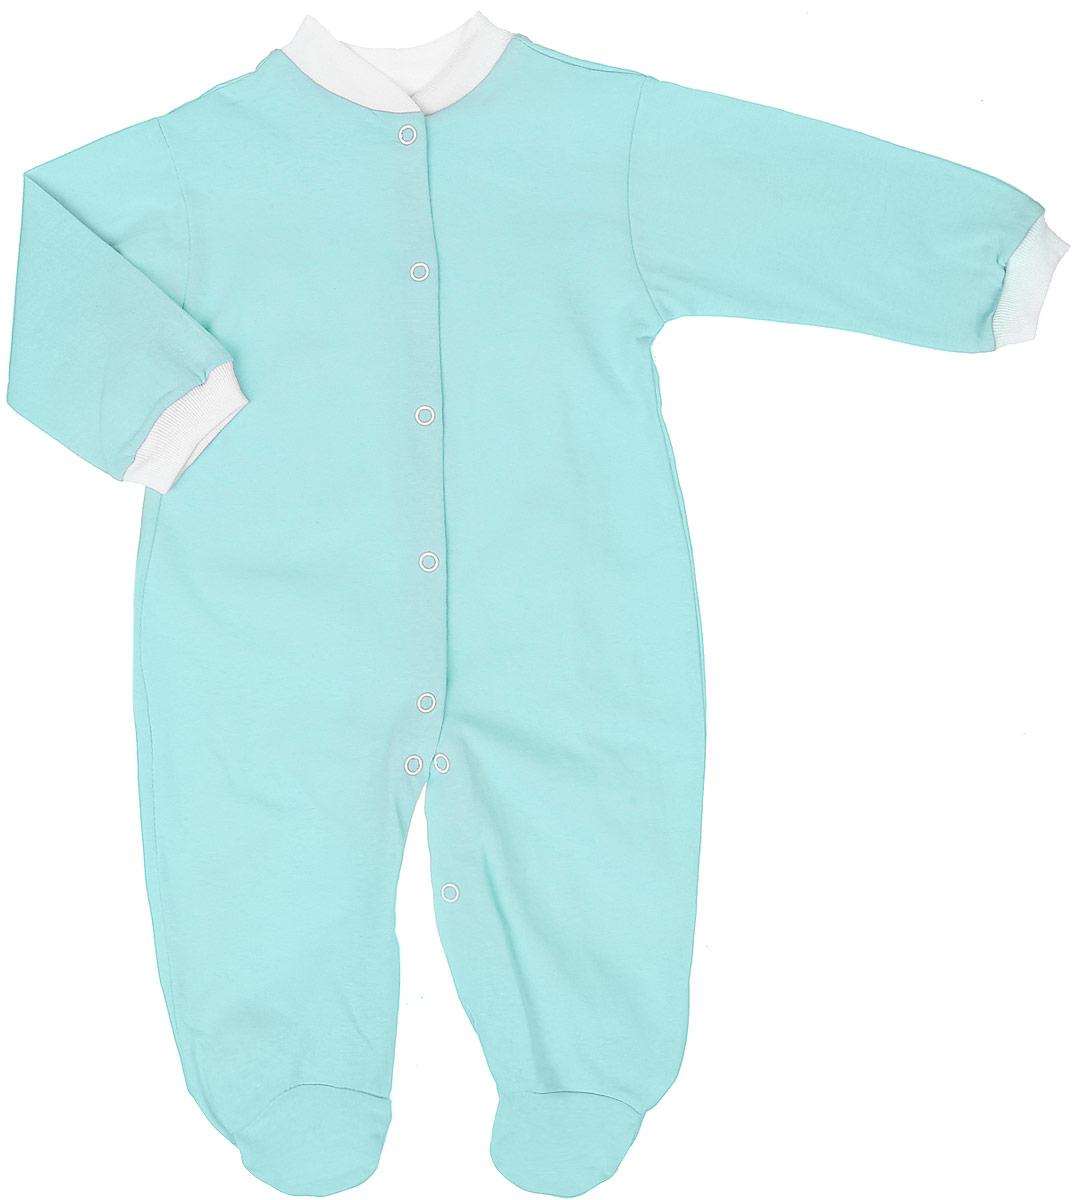 Комбинезон детский Чудесные одежки, цвет: мятный. 5801. Размер 565801Удобный детский комбинезон Чудесные одежки выполнен из натурального хлопка.Комбинезон с небольшим воротничком-стойкой, длинными рукавами и закрытыми ножками имеет застежки-кнопки спереди и на ластовице, которые помогают легко переодеть младенца или сменить подгузник. Воротничок и манжеты на рукавах выполнены из трикотажной эластичной резинки. Изделие оформлено в лаконичном дизайне.